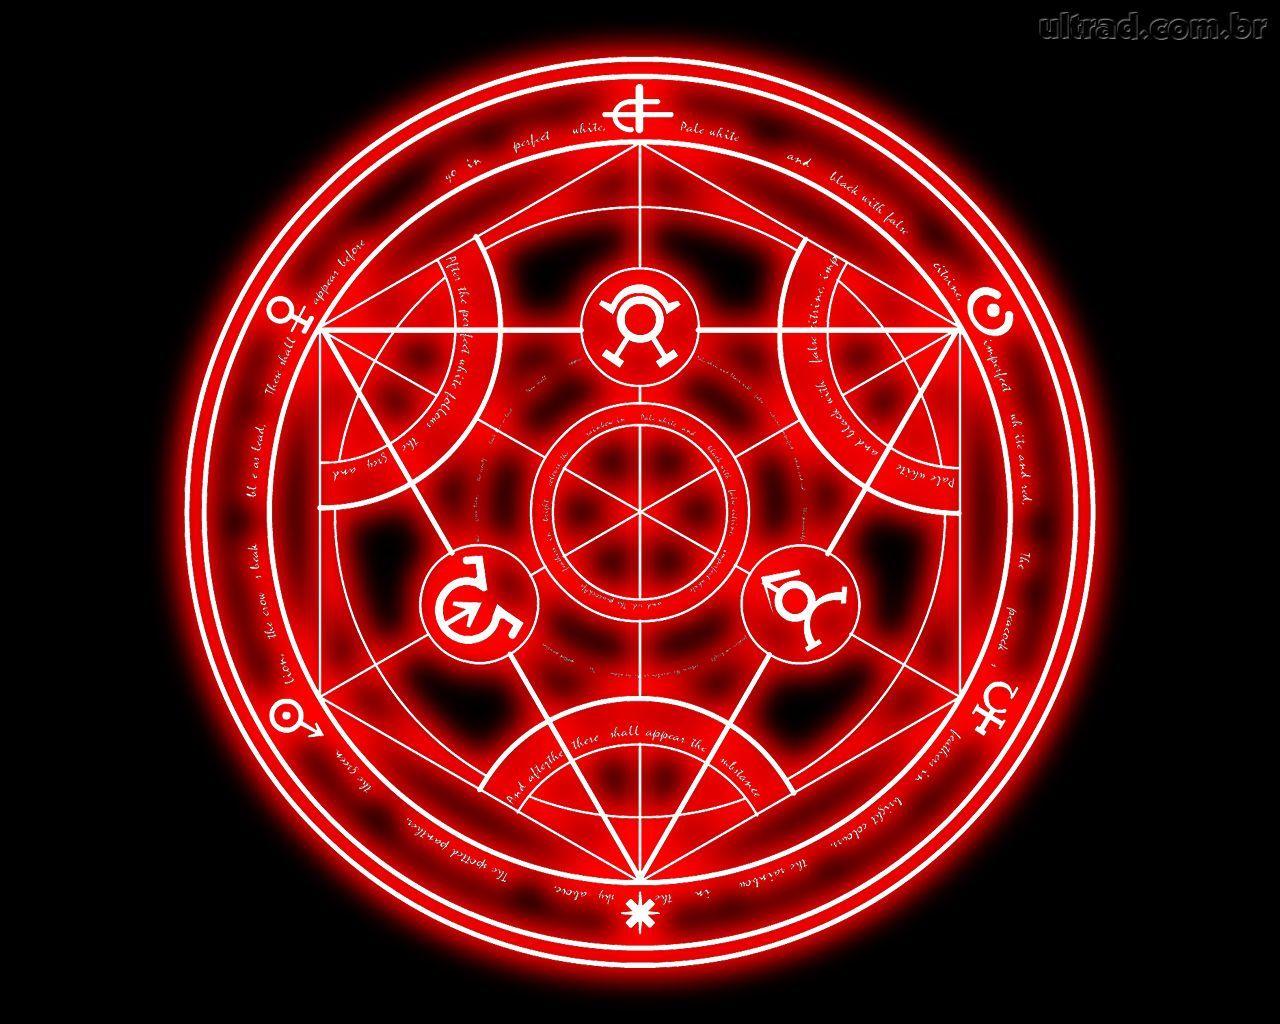 Transmutation circle | Karanlık sanat, Galeri duvarı, Sanat